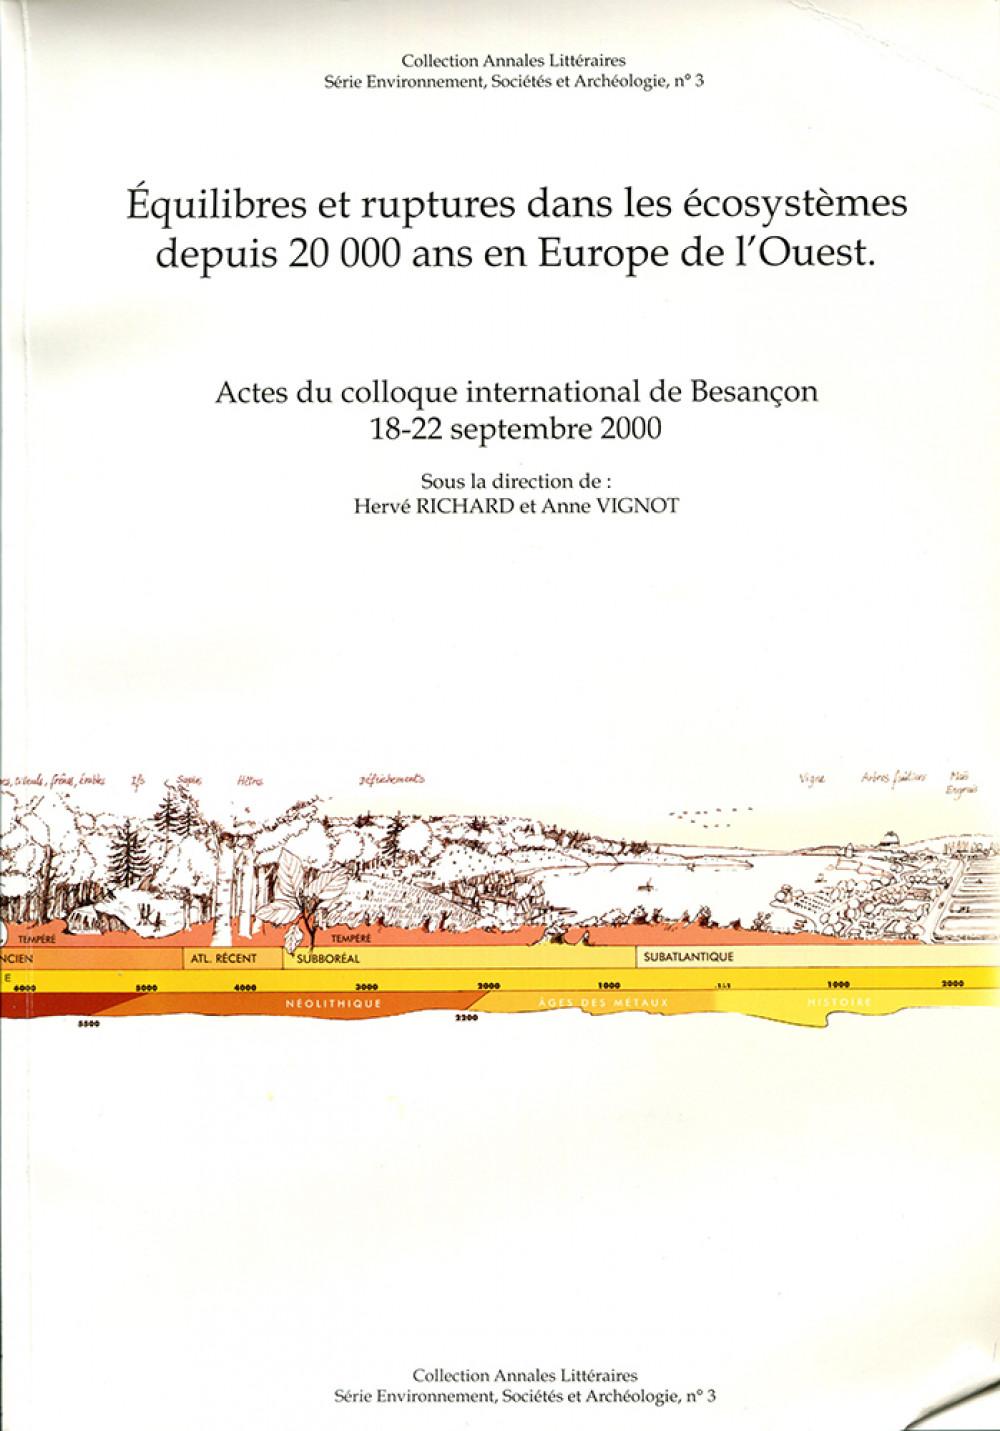 Equilibres et ruptures dans les écosystèmes depuis 20000 ans en Europe de l'Ouest